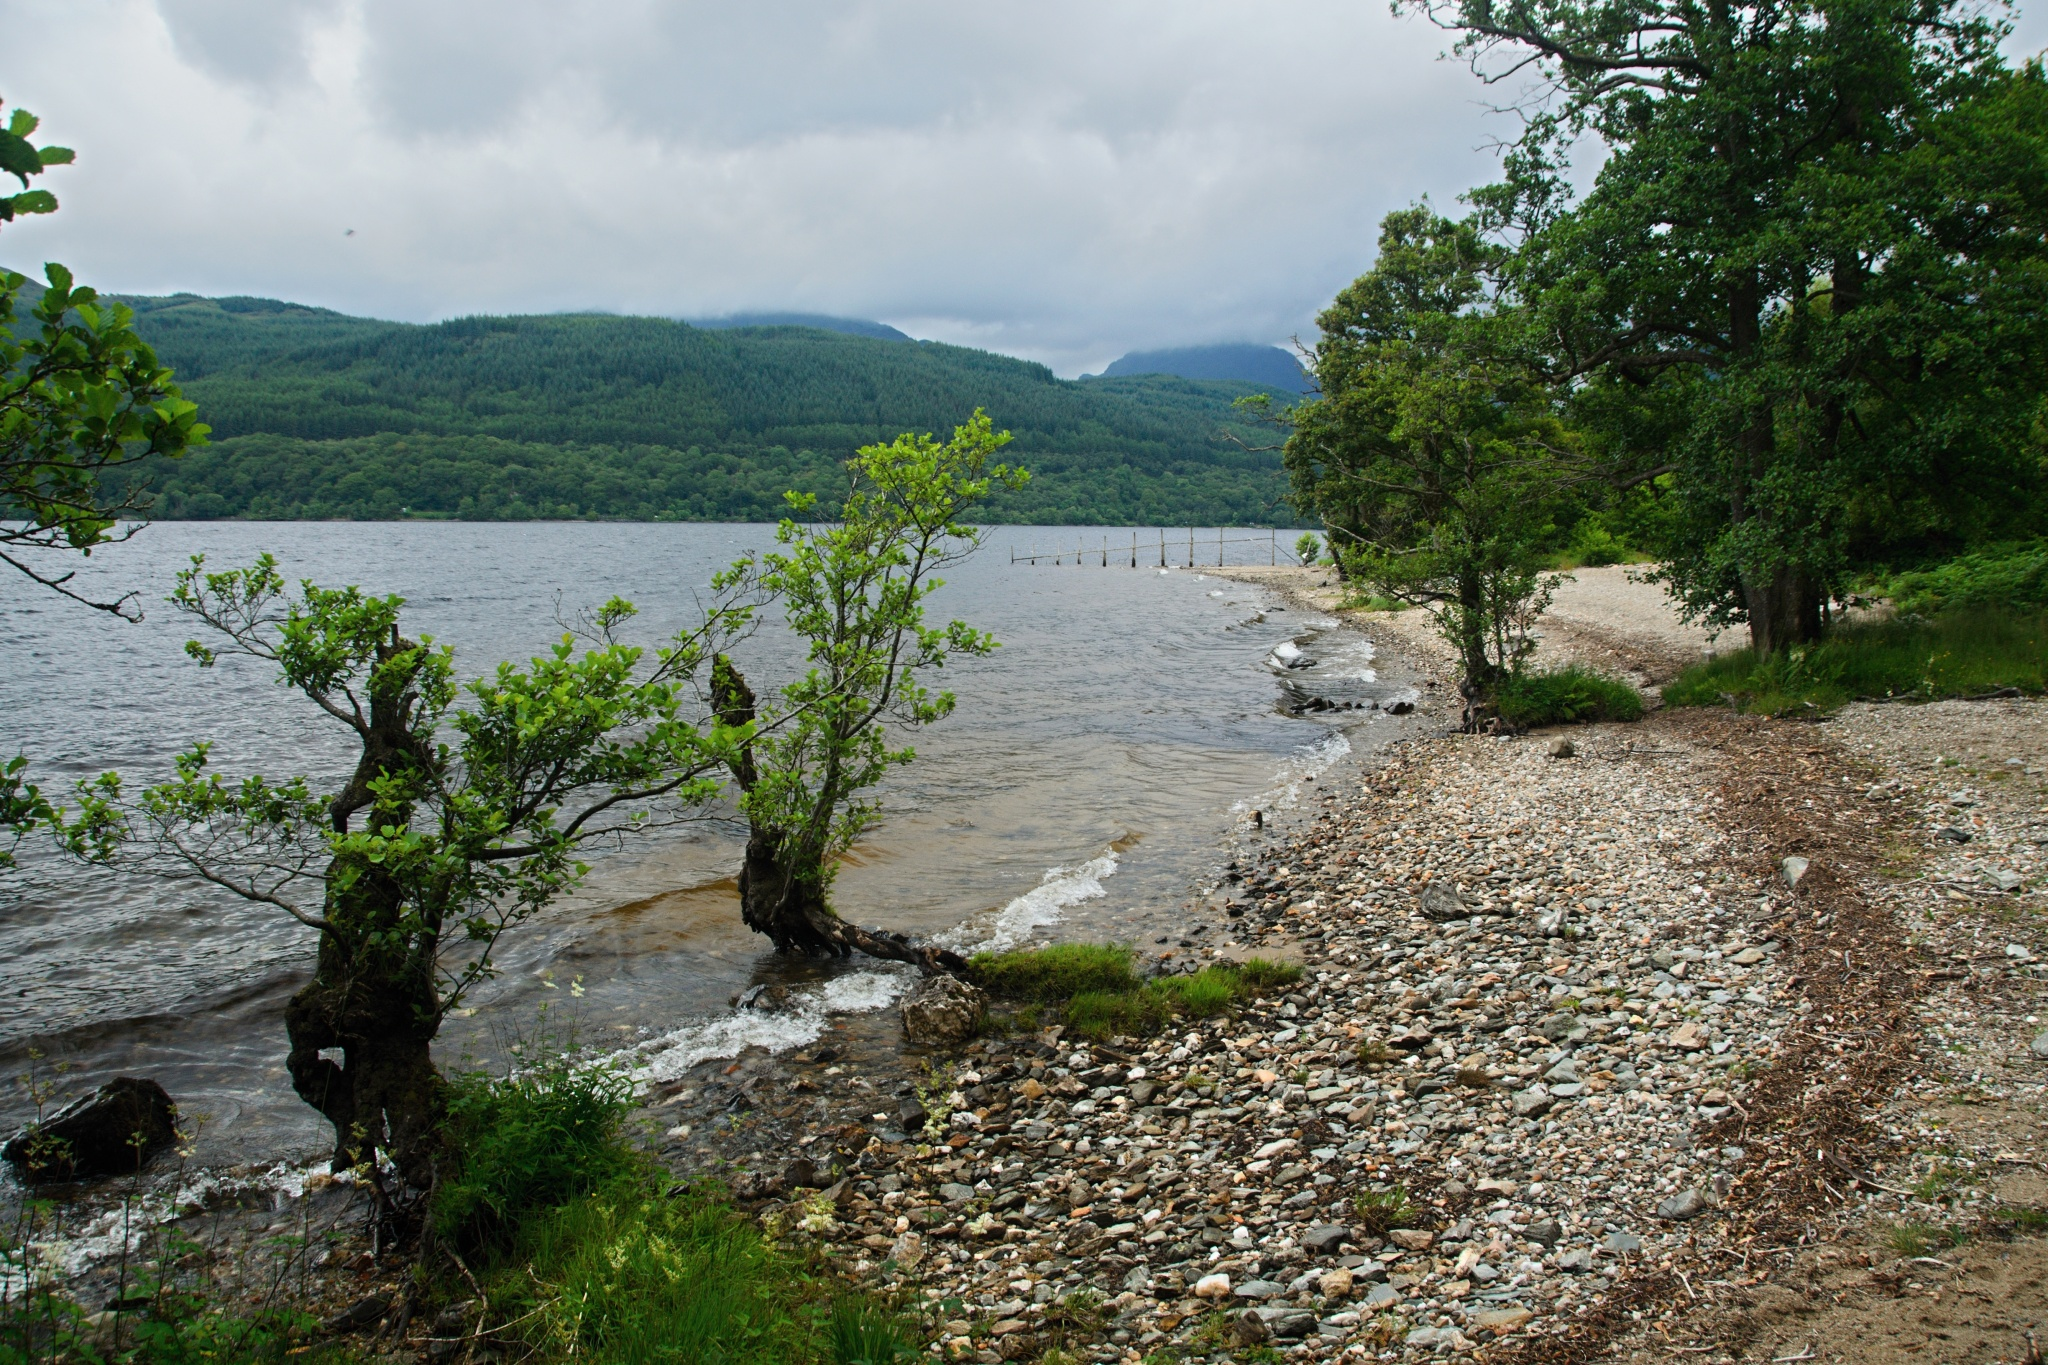 Pobřeží jezera Loch Lomond